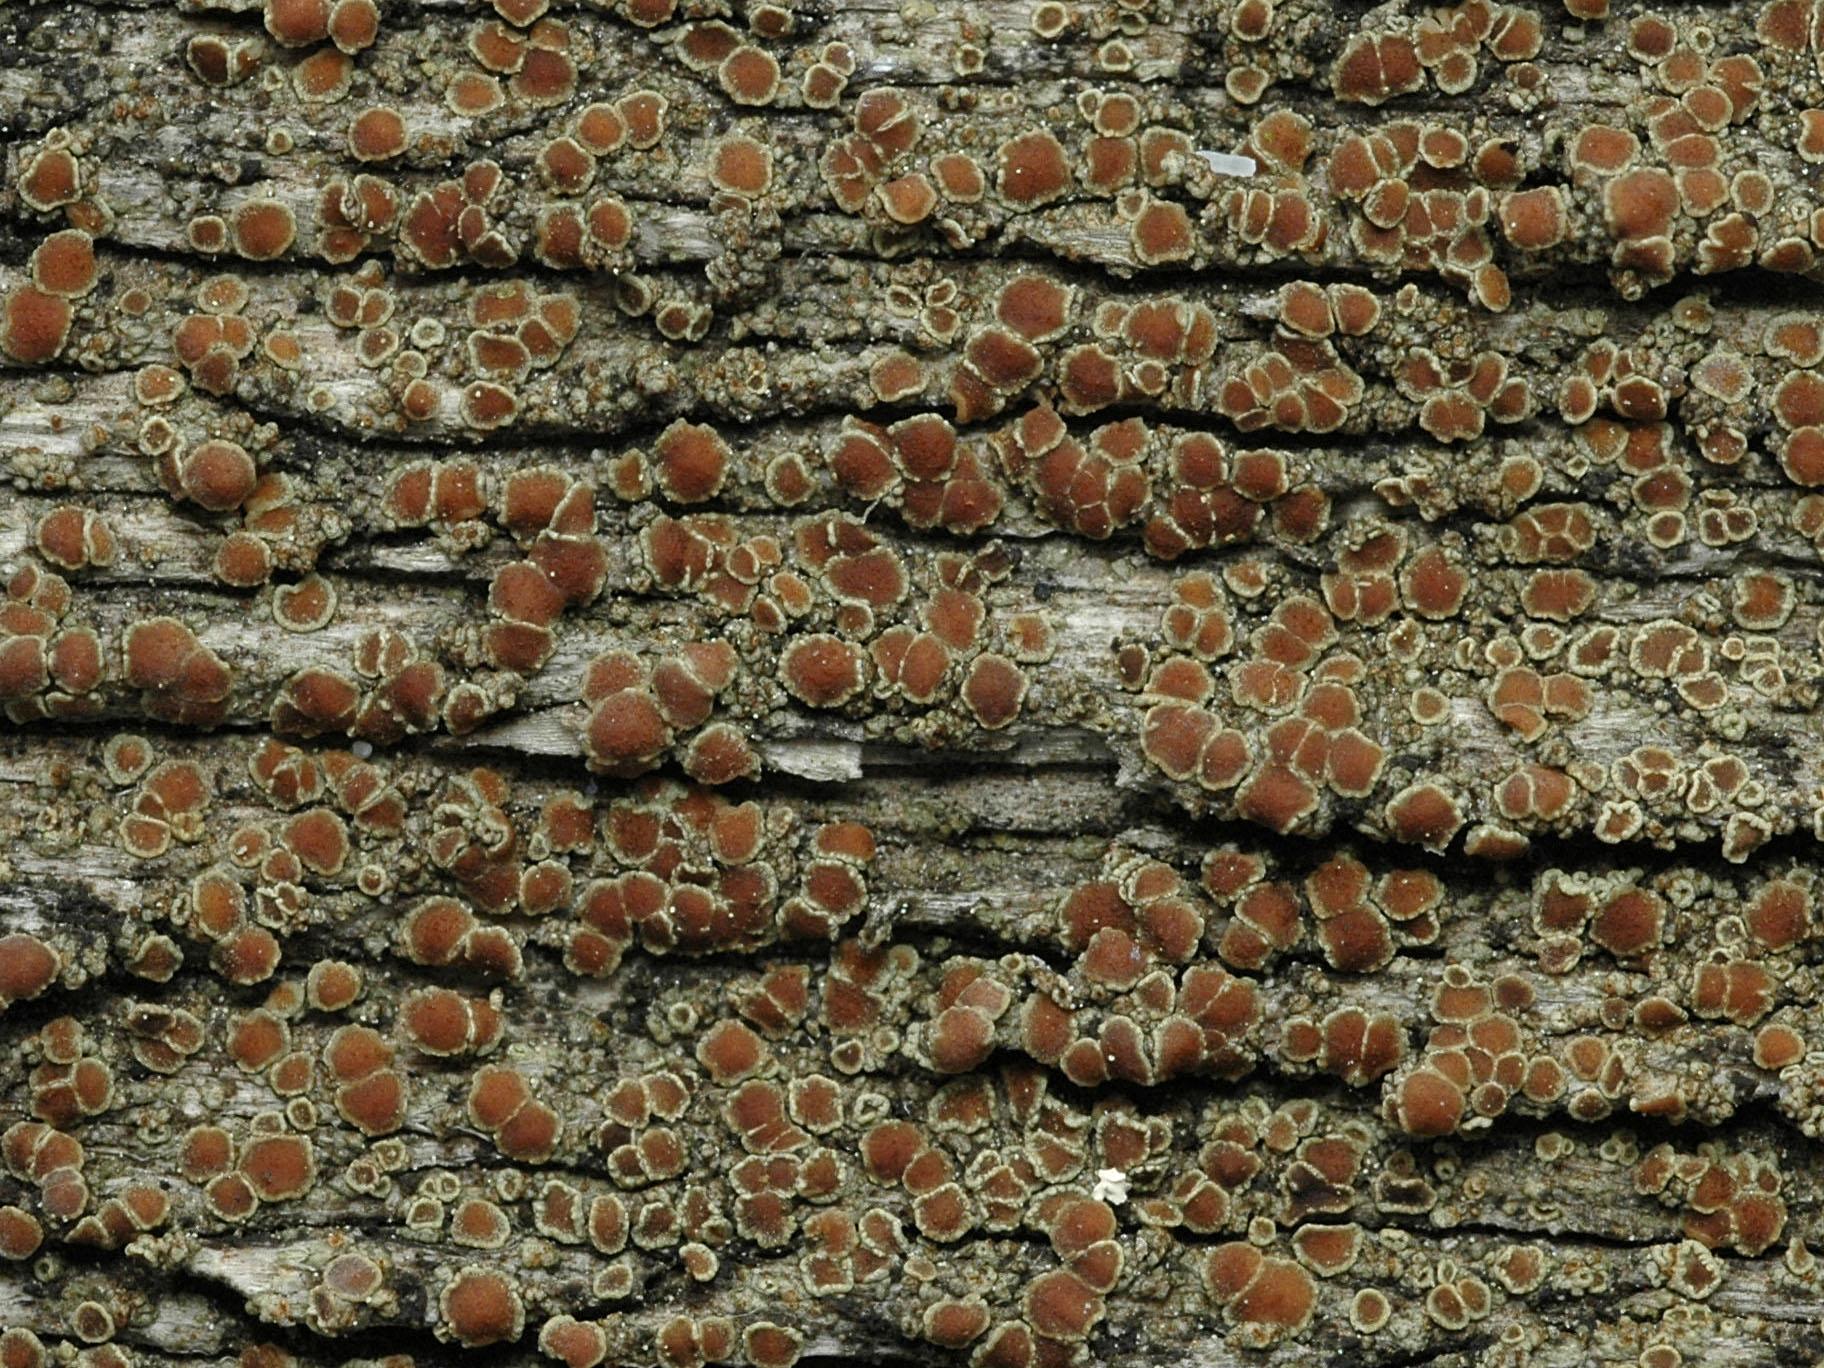 Lecanora saligna